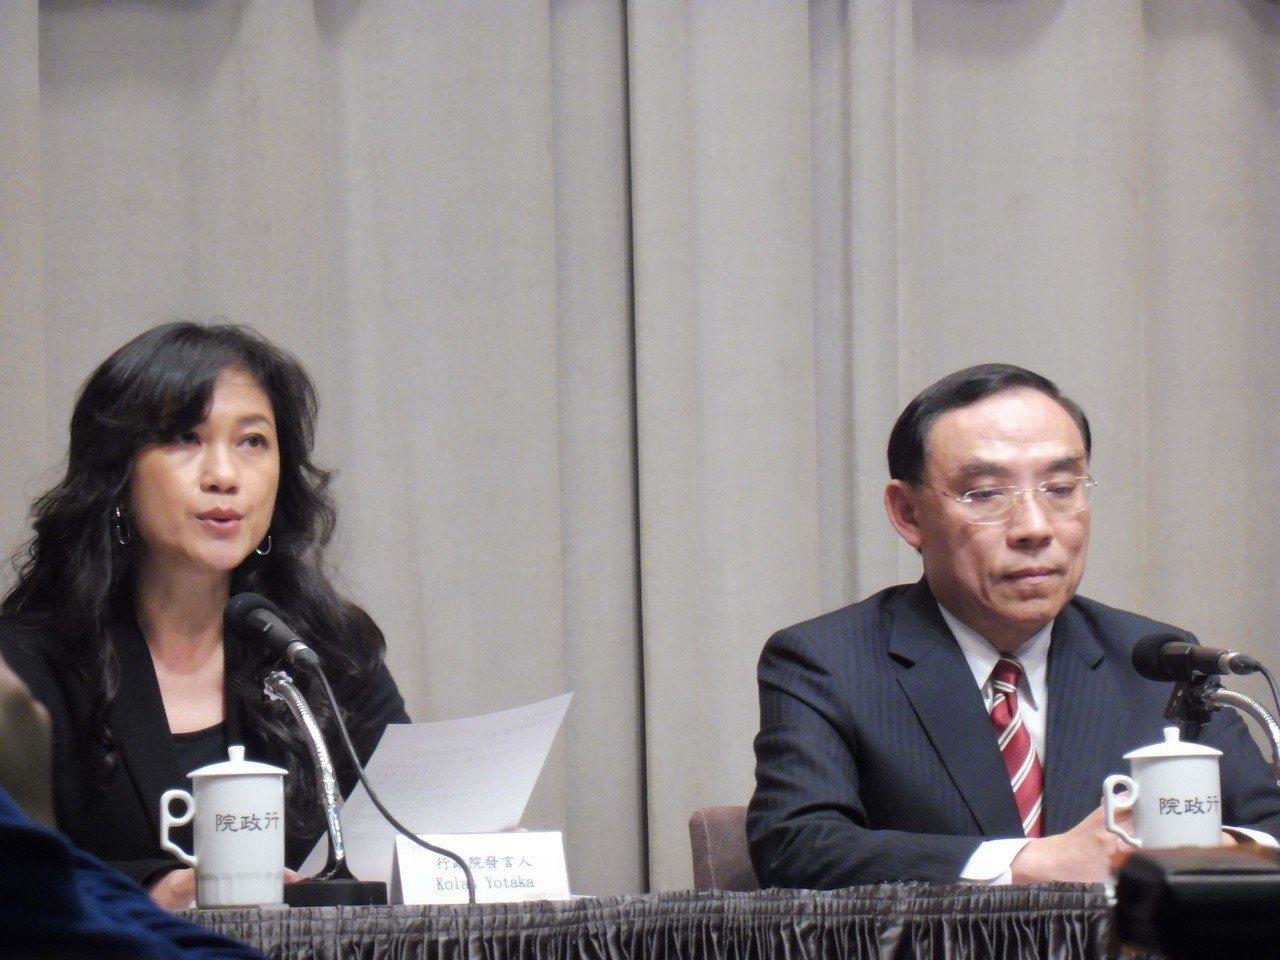 行政院發言人Kolas Yotaka(左)、法務部長蔡清祥(右)說明同性婚姻修法...